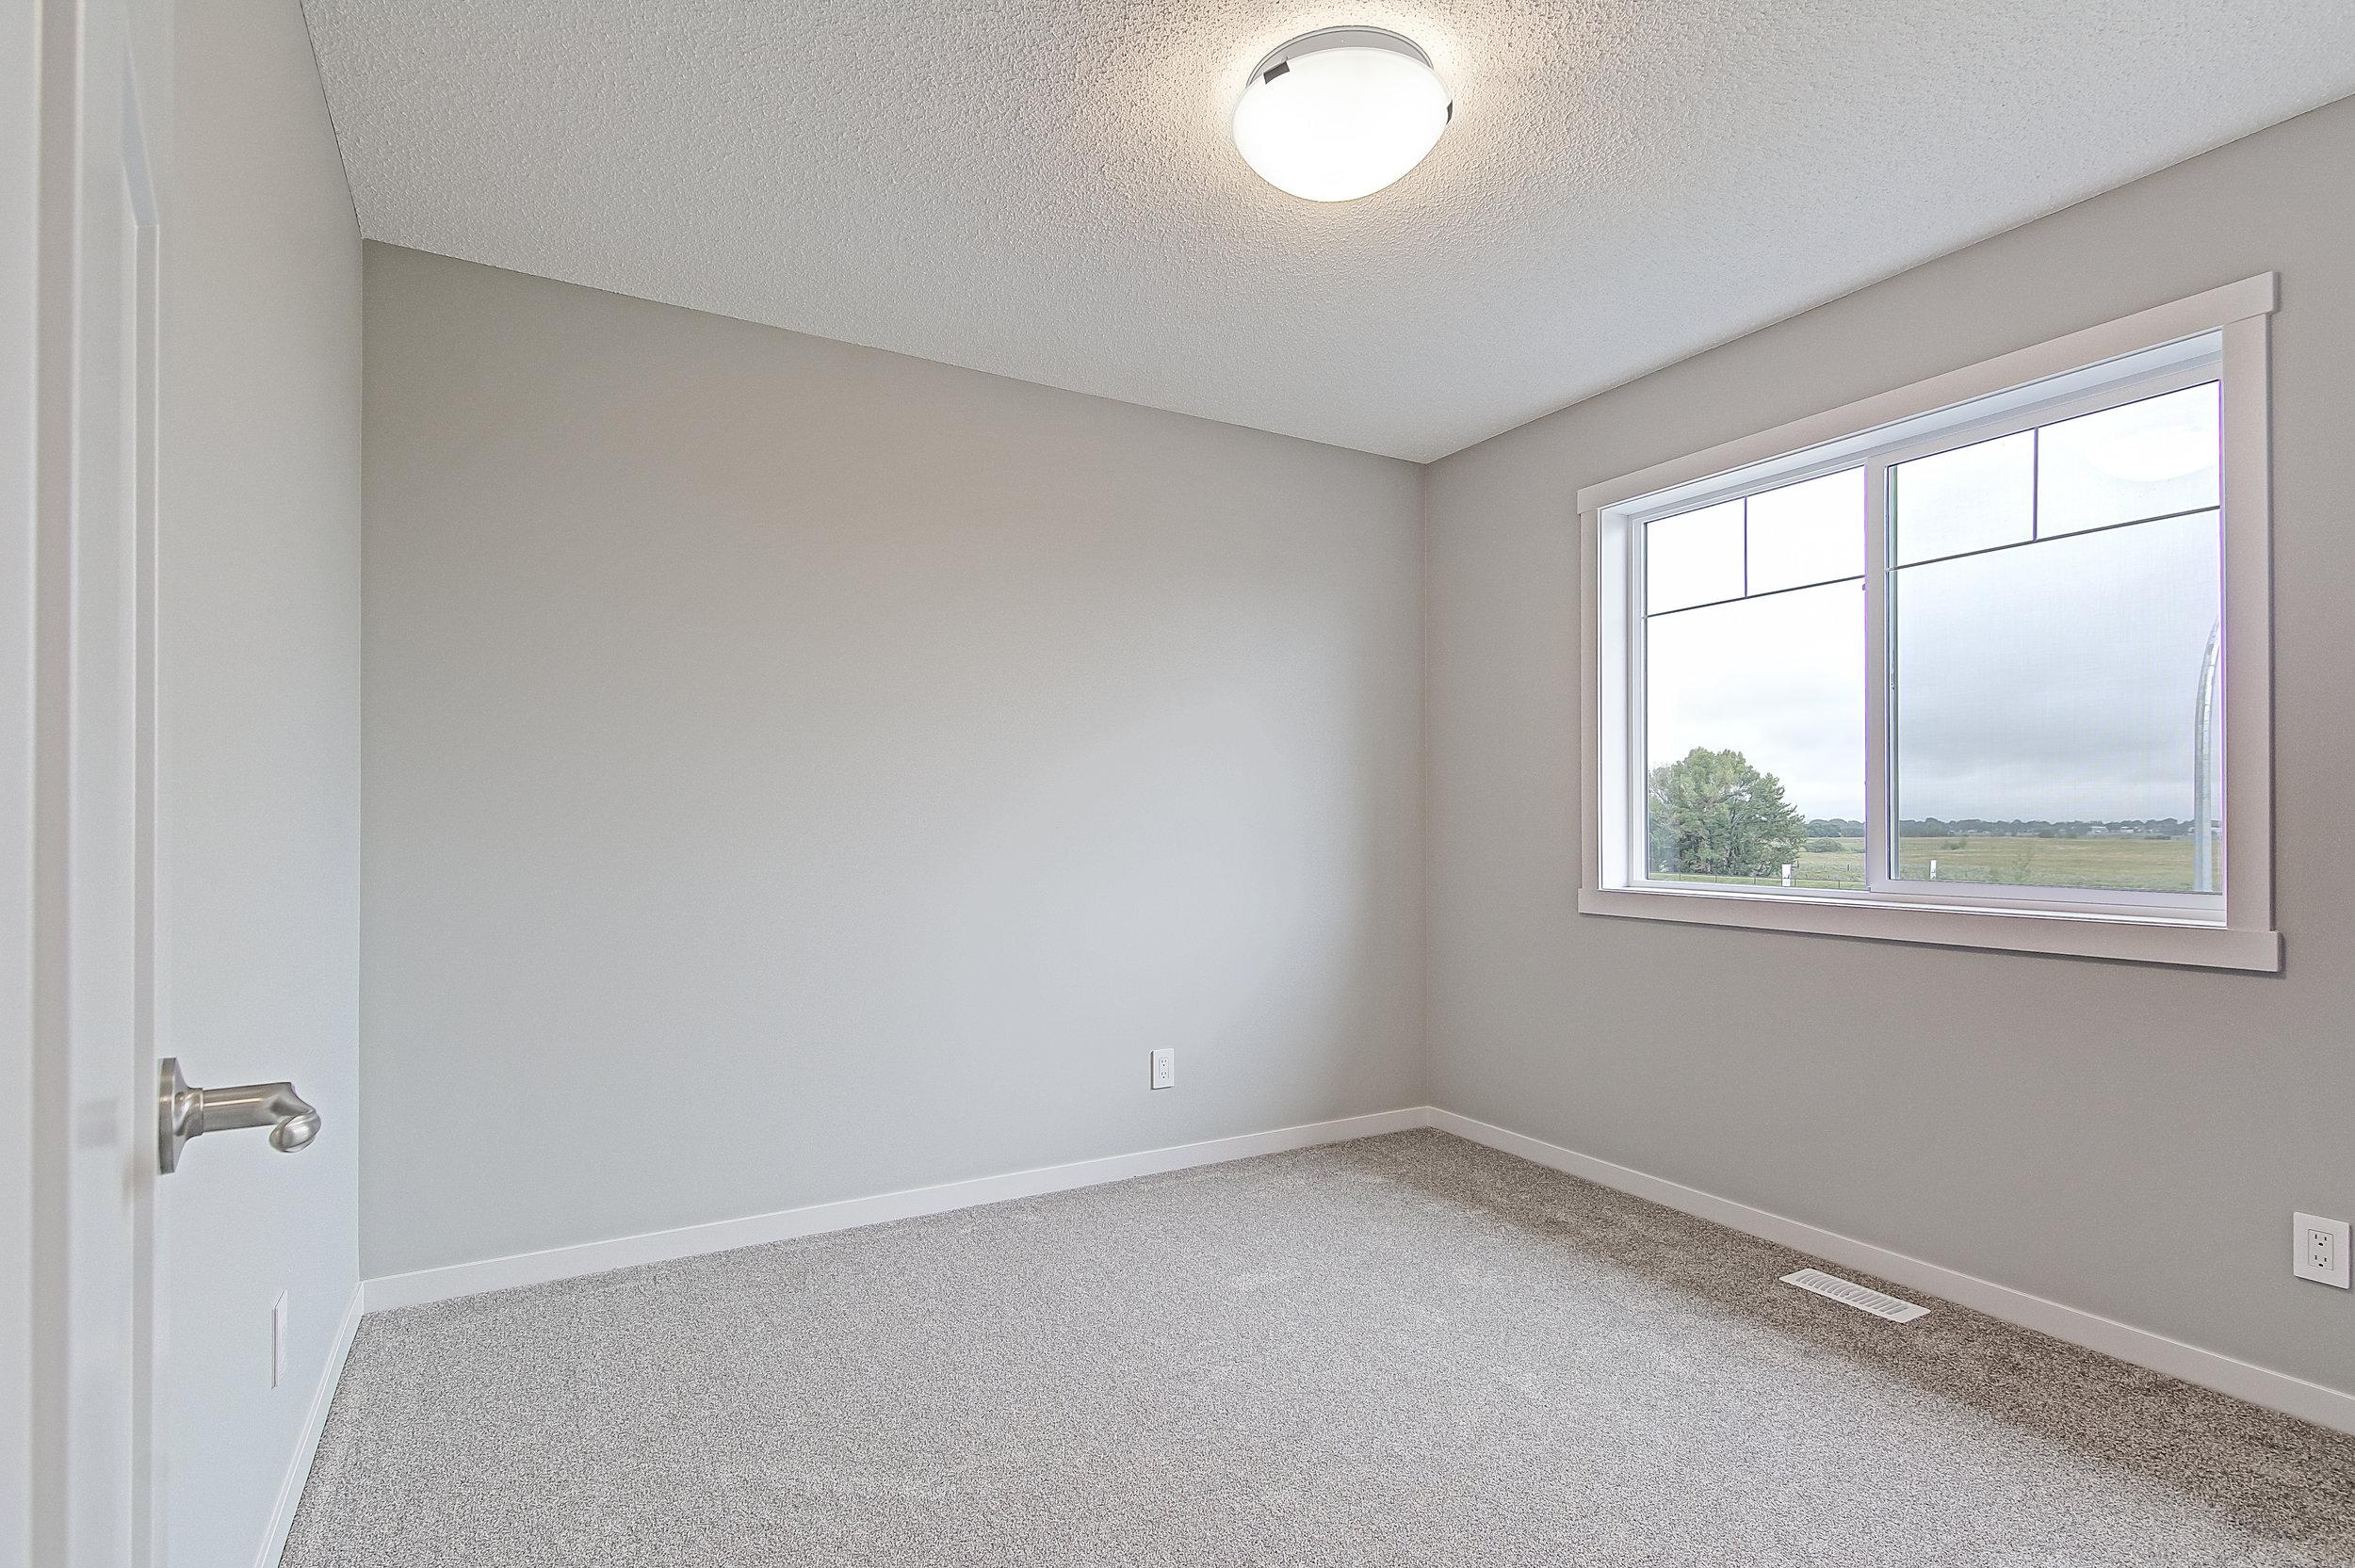 16-upper bedroom 2-1-.jpg